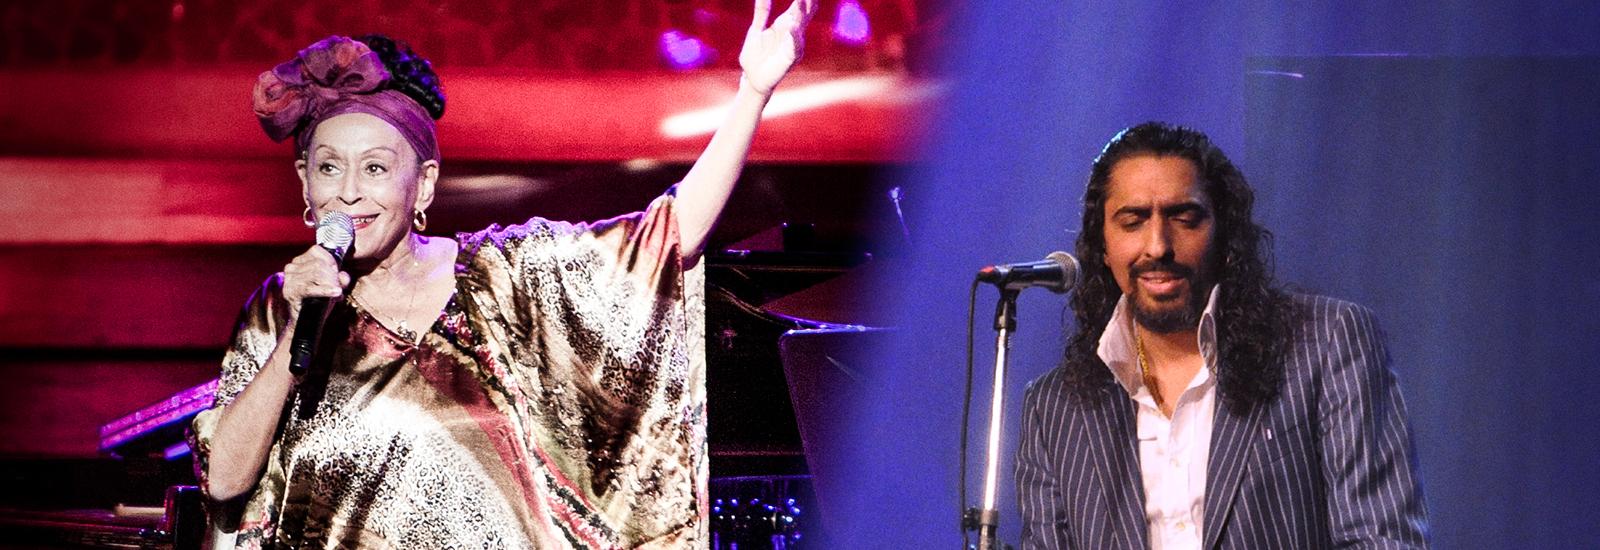 Omara Portuondo & Diego 'El Cigala' en la Mar de Músicas